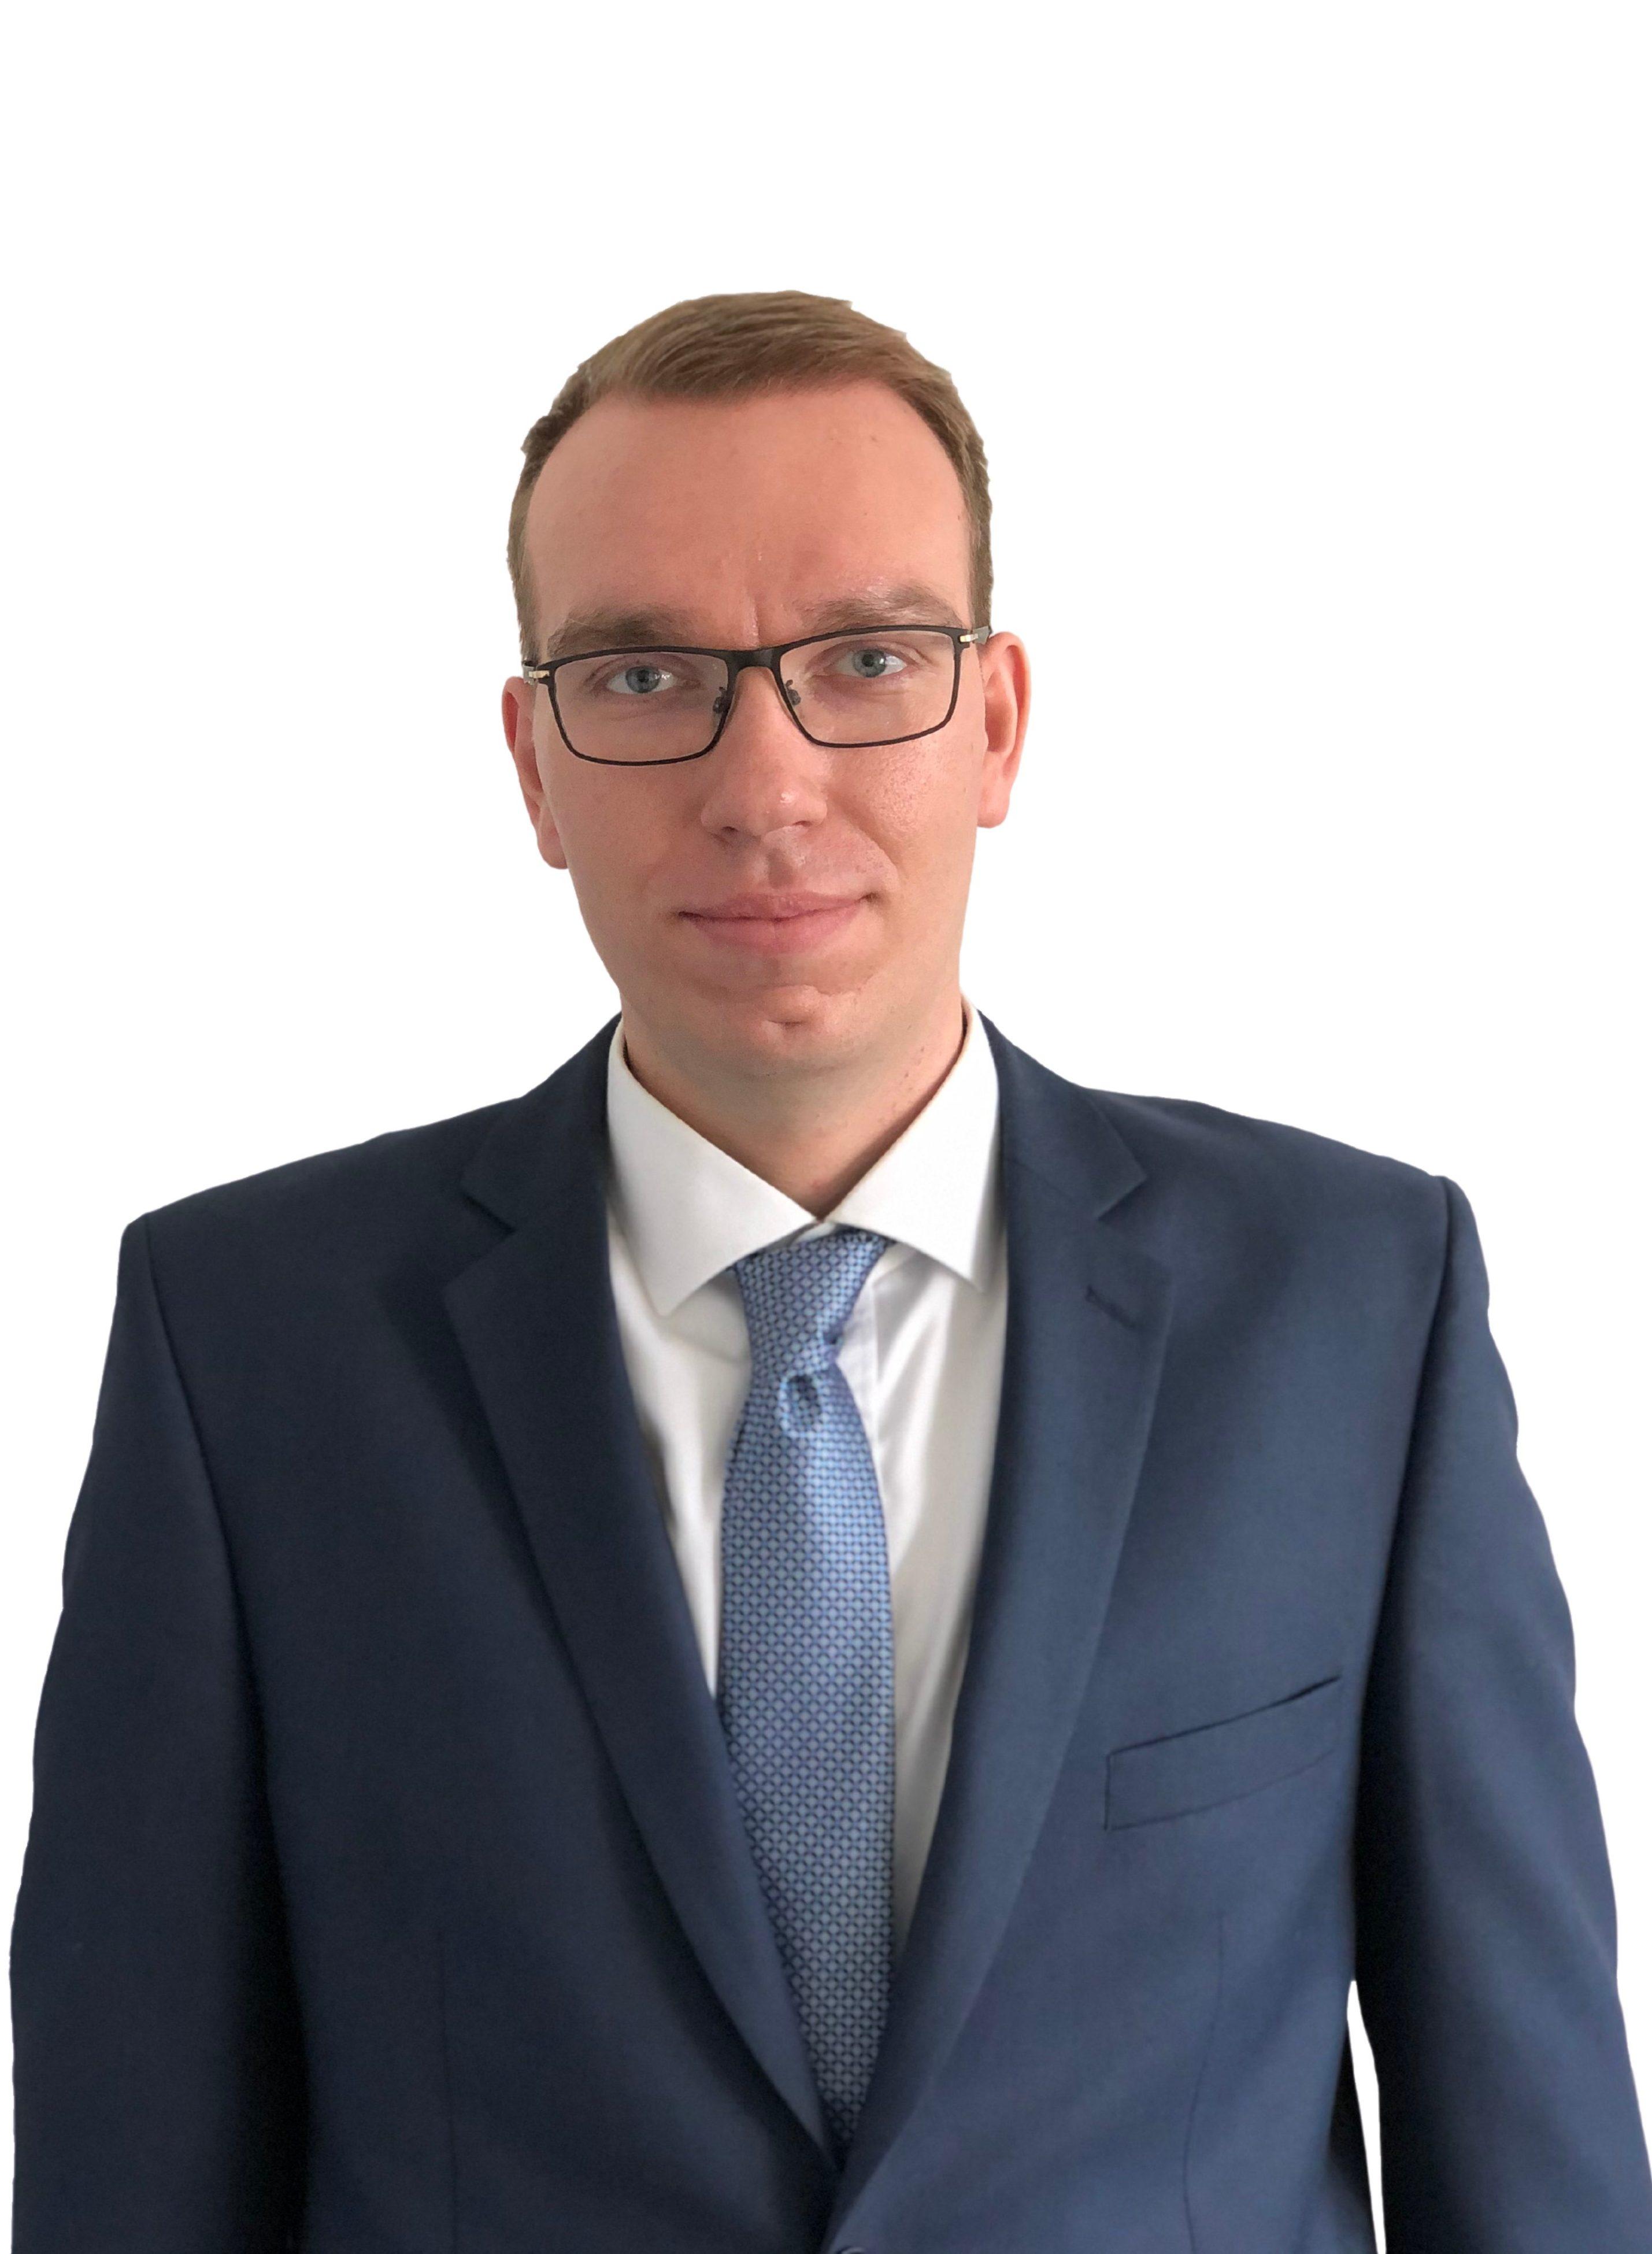 Mgr. Tomáš Mackovík, lawyer